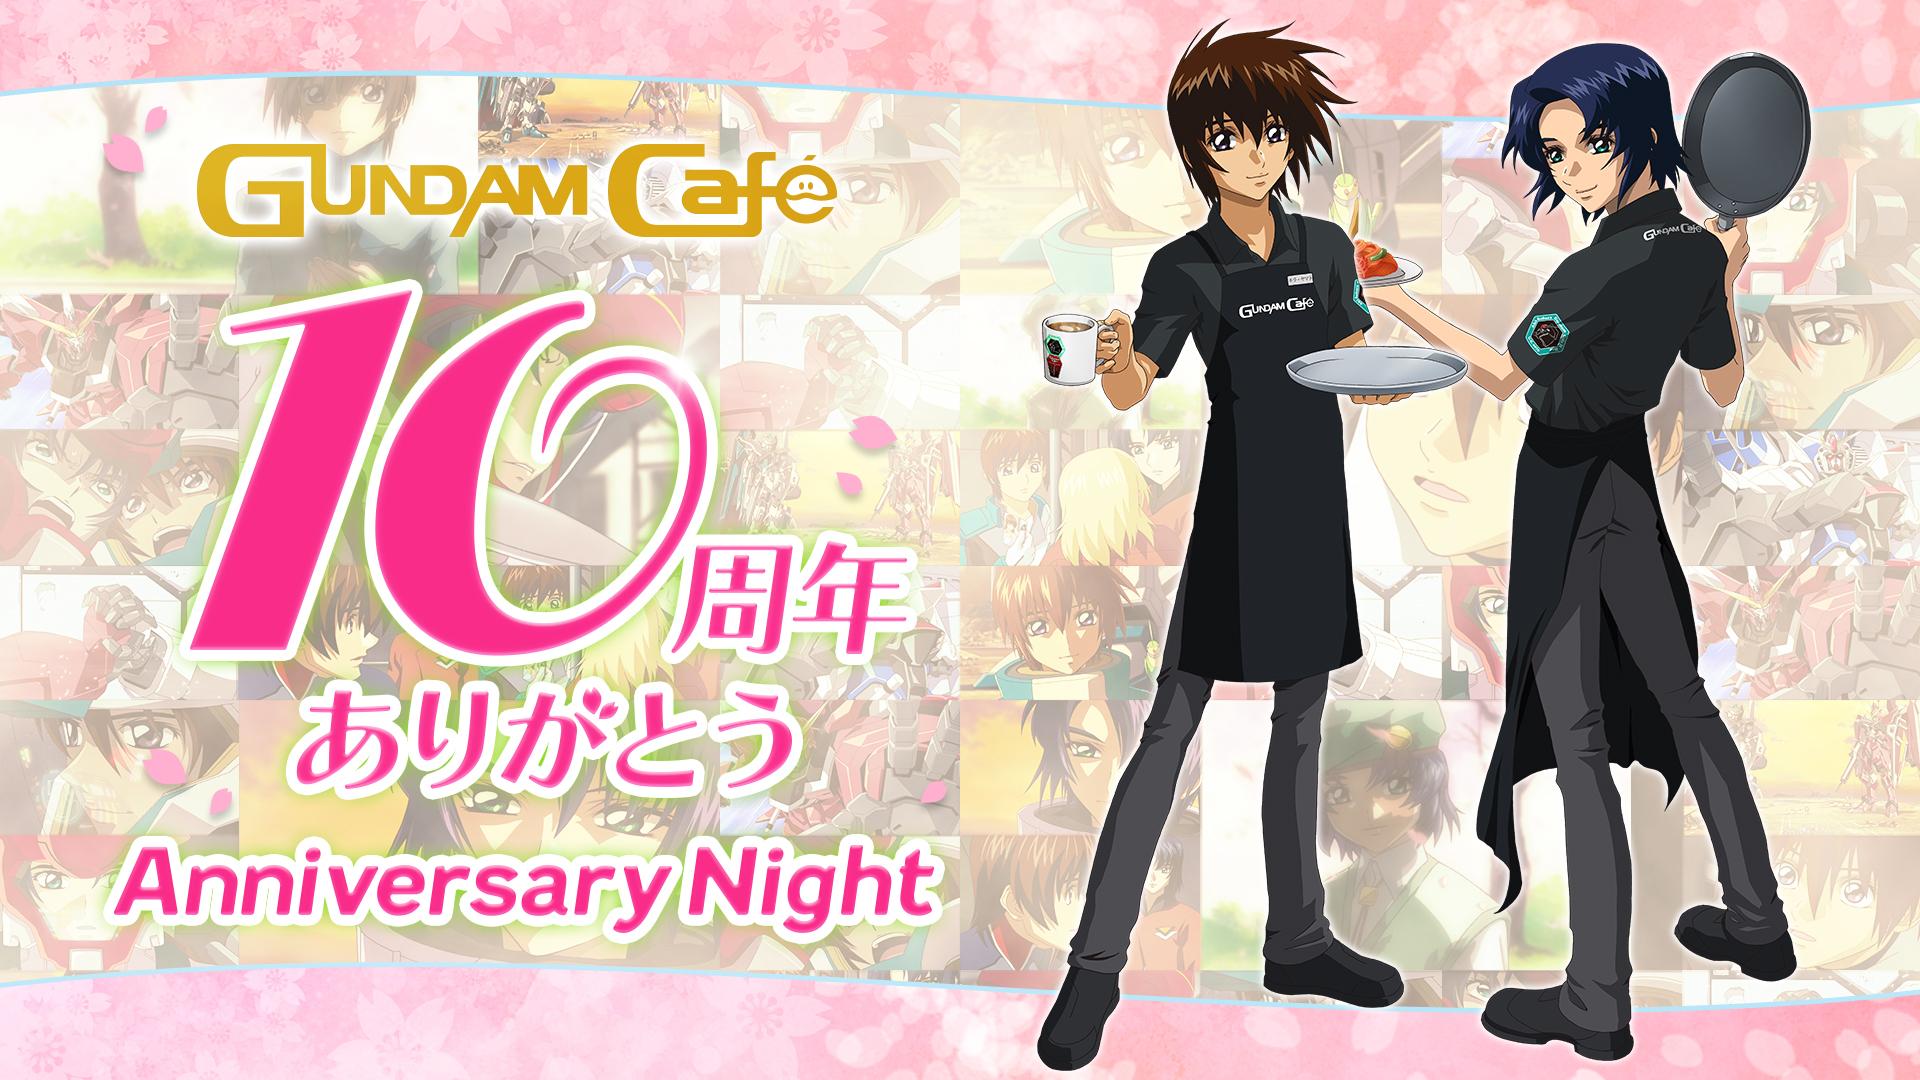 【ガンダムカフェ大阪道頓堀3/31】GUNDAM Café ~Anniversary Night~